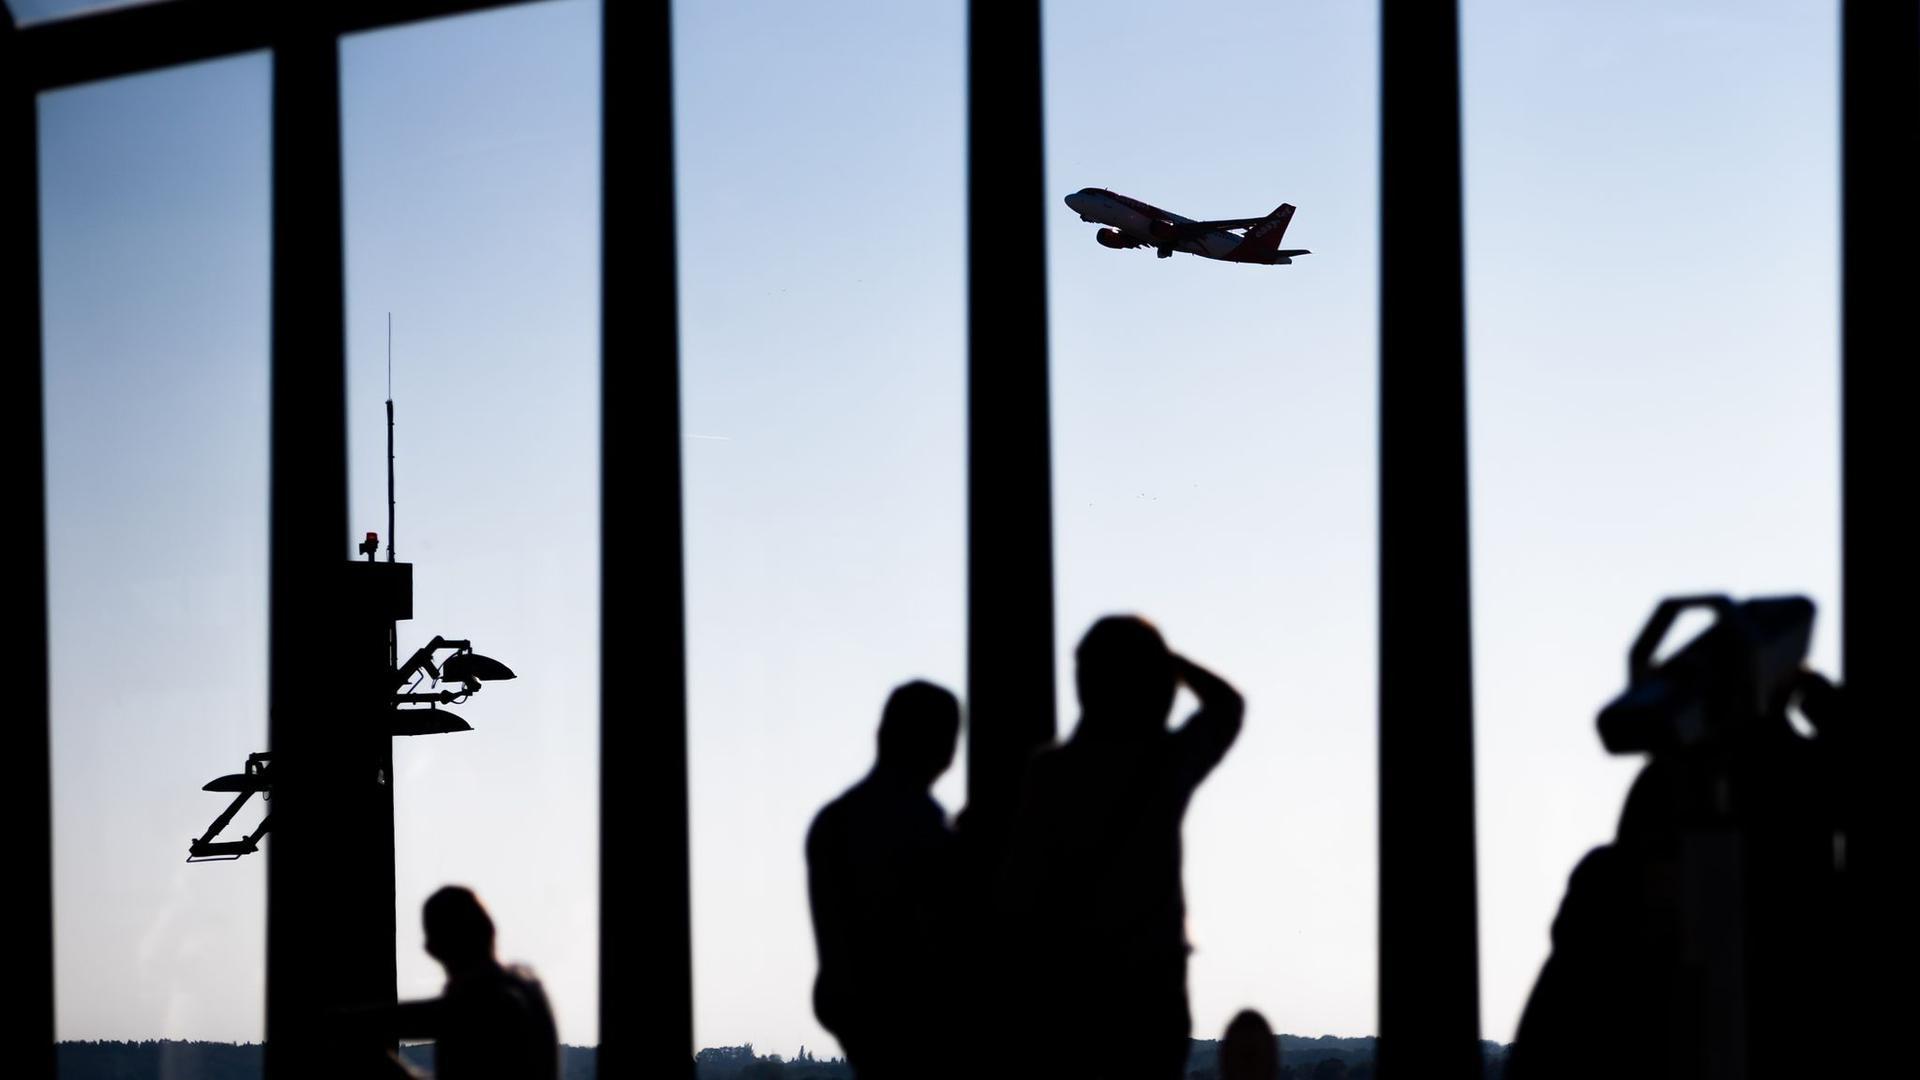 Blick von der Besucherterrasse am Berliner Flughafen auf ein startendes Flugzeug.